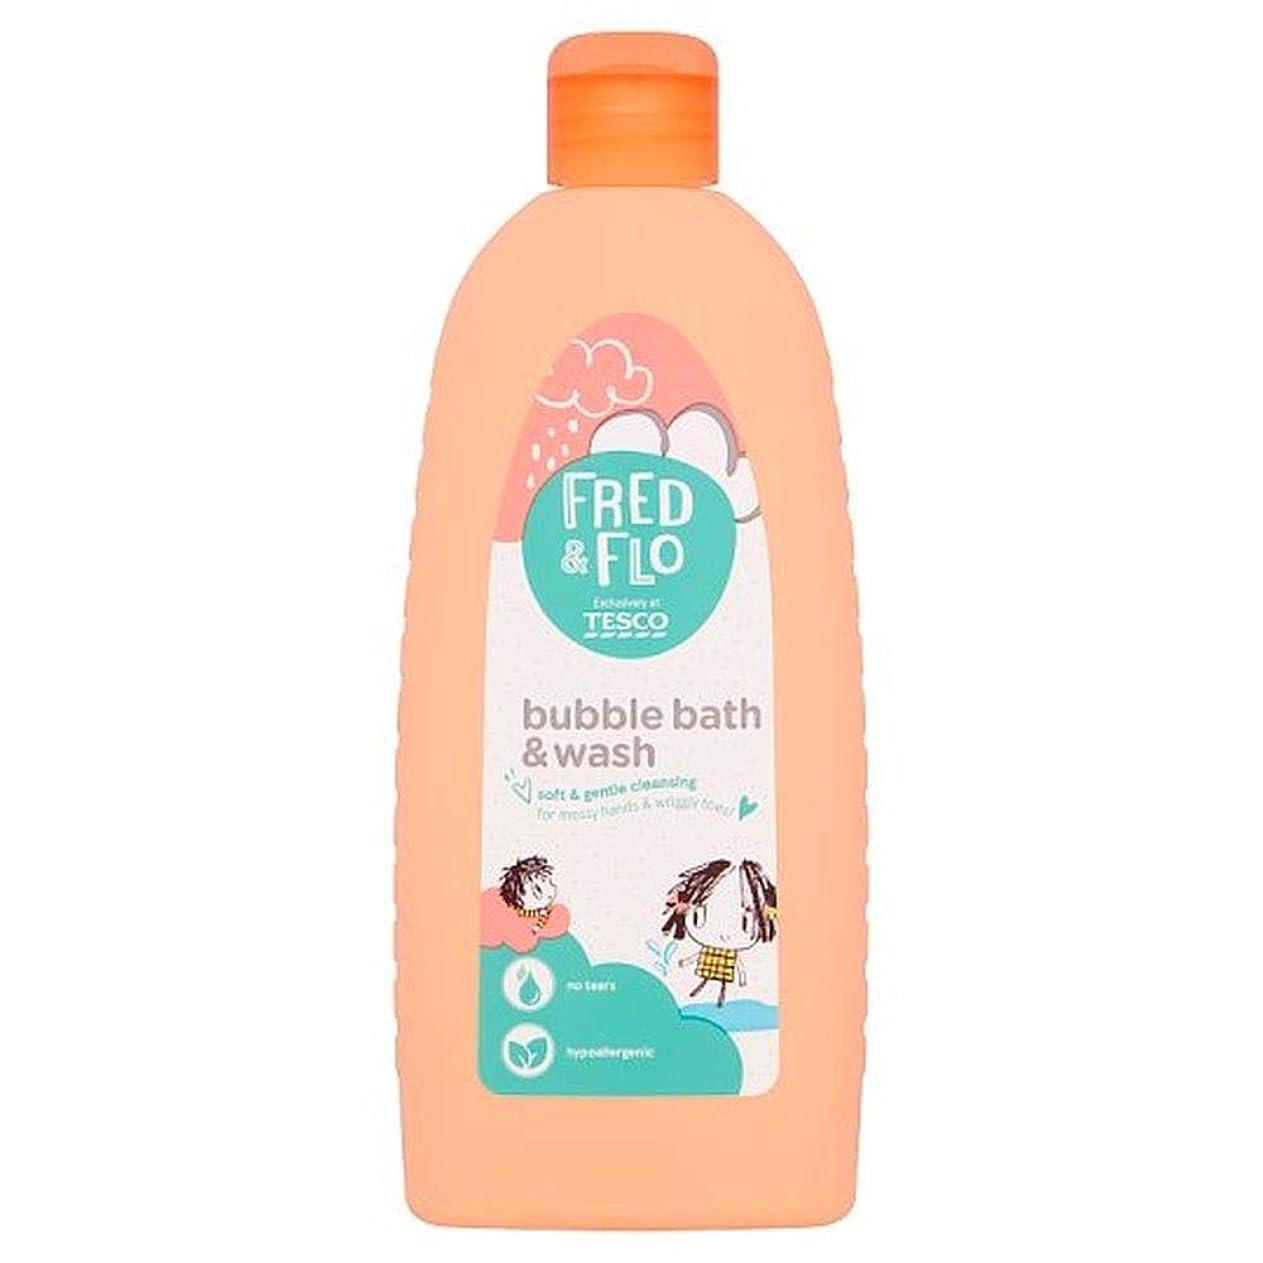 壁者背骨[Fred & Flo] フレッドとFloの泡風呂と500ミリリットルを洗います - Fred And Flo Bubble Bath And Wash 500Ml [並行輸入品]